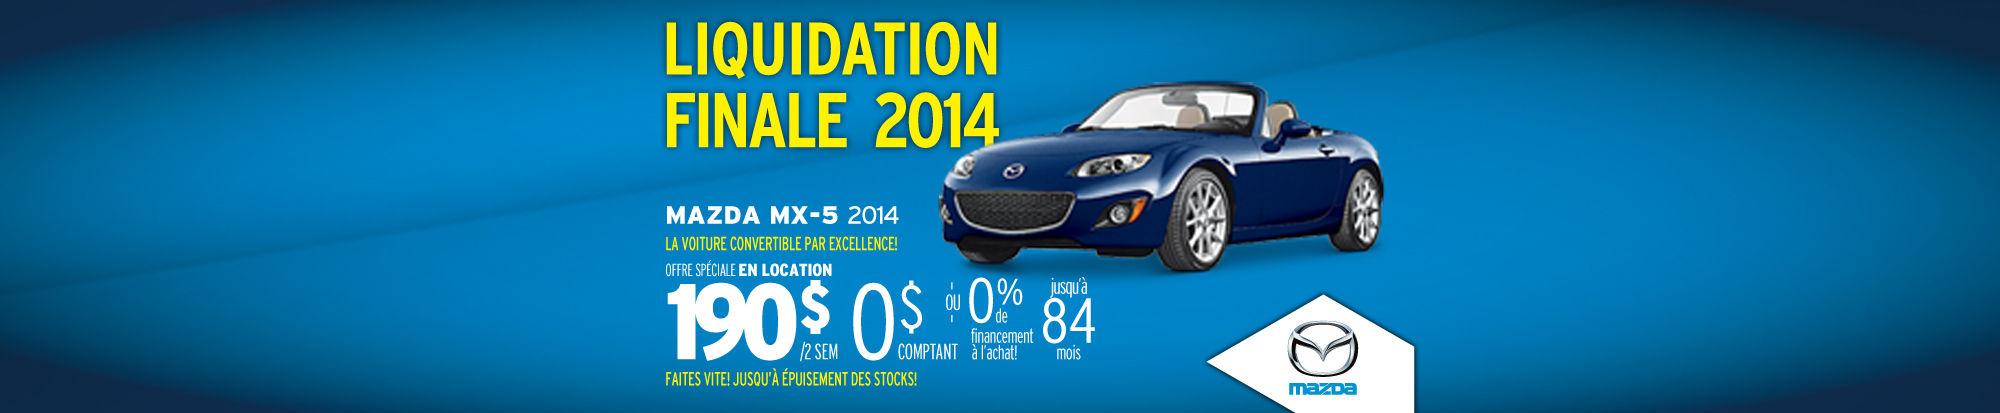 Mazdamx5 2014 liquidation